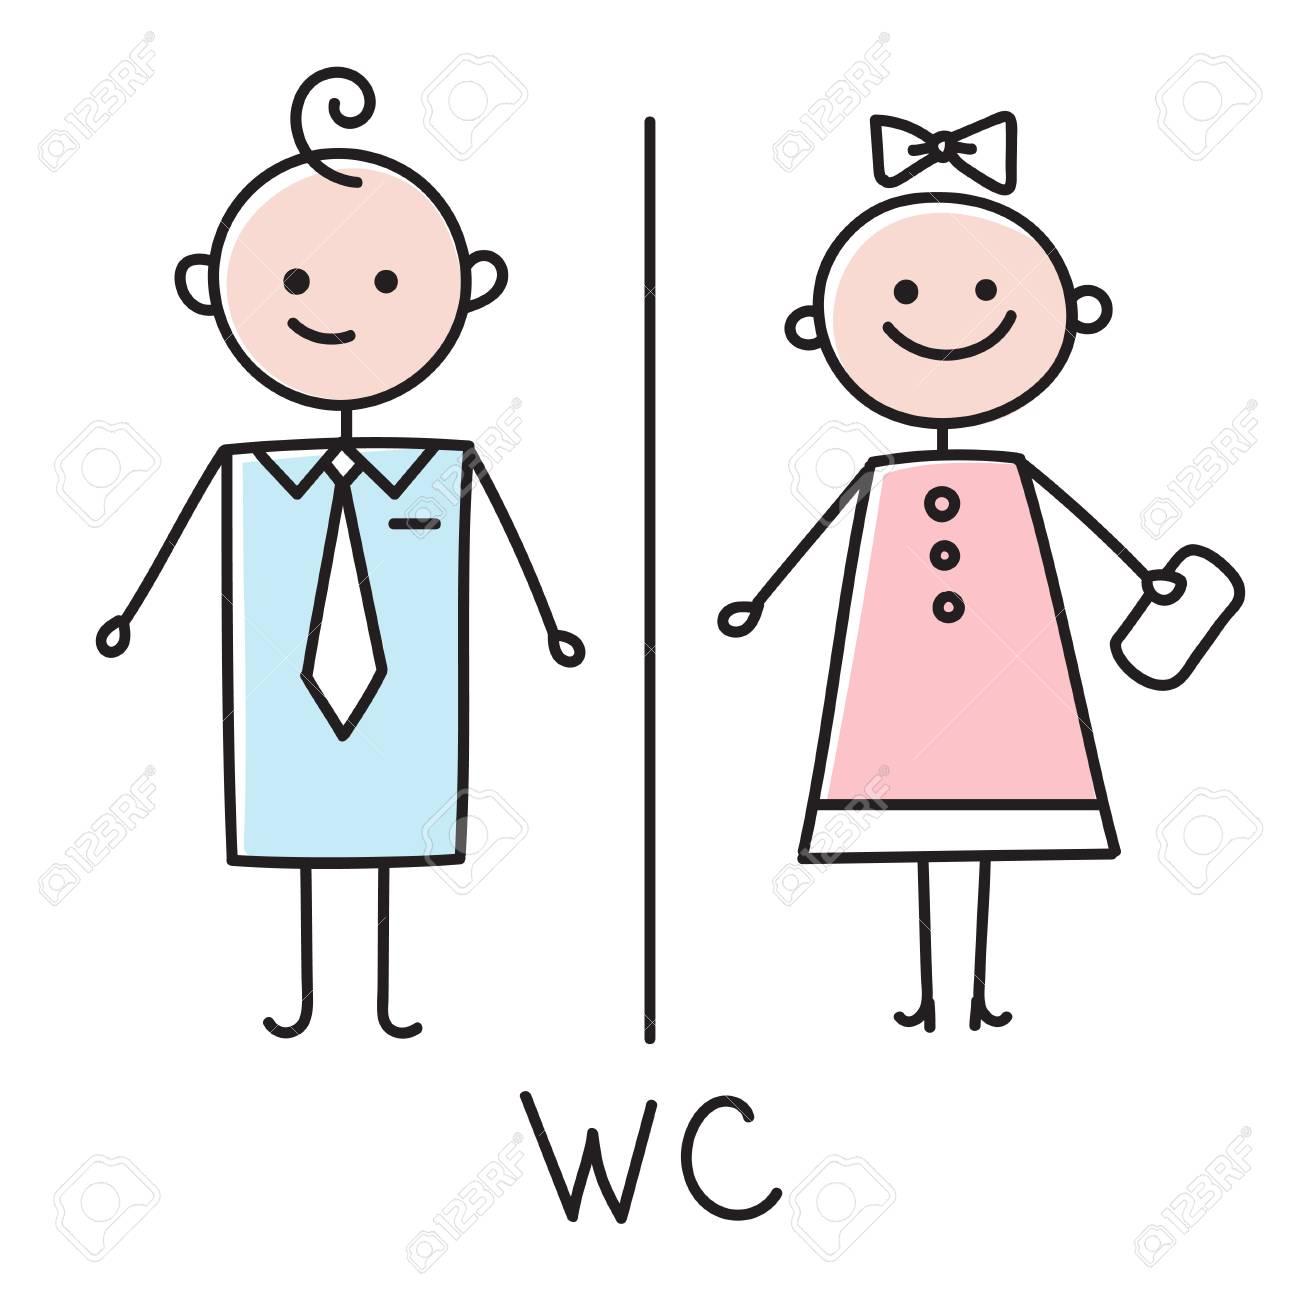 Badezimmer Türschild | Wc Symbol Toilette Turschild Symbol Badezimmer Teller Manner Und